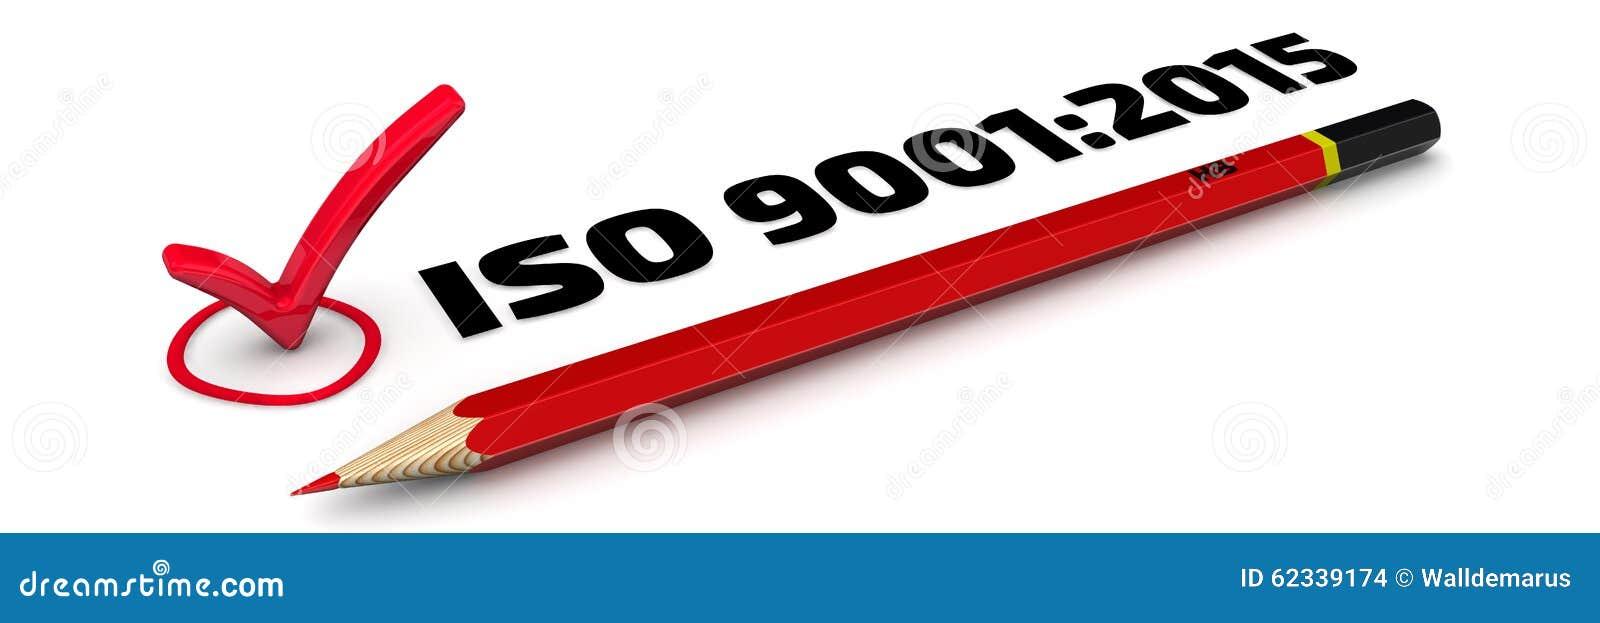 9001:2015 ISO Метка